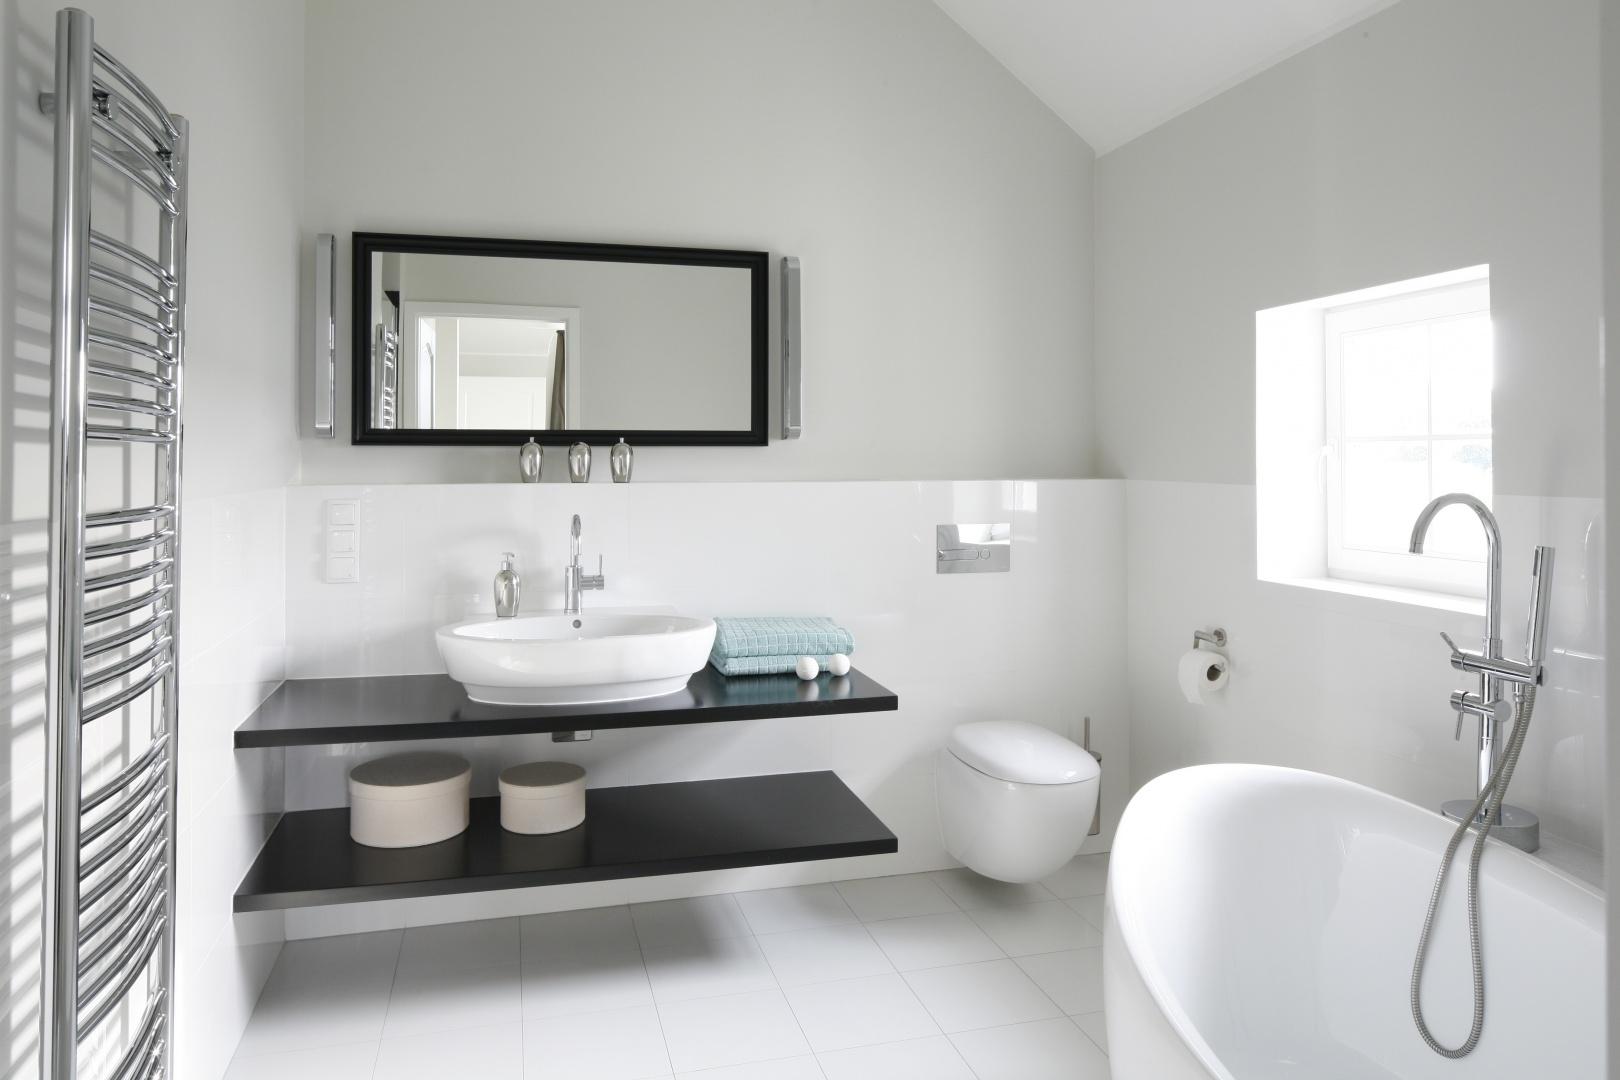 Biała łazienka urządzona w stylu, który jest mieszanką nowoczesności i klasyki. Dominację bieli przełamują delikatne czarne detale. Projekt: Ventana. Fot. Bartosz Jarosz